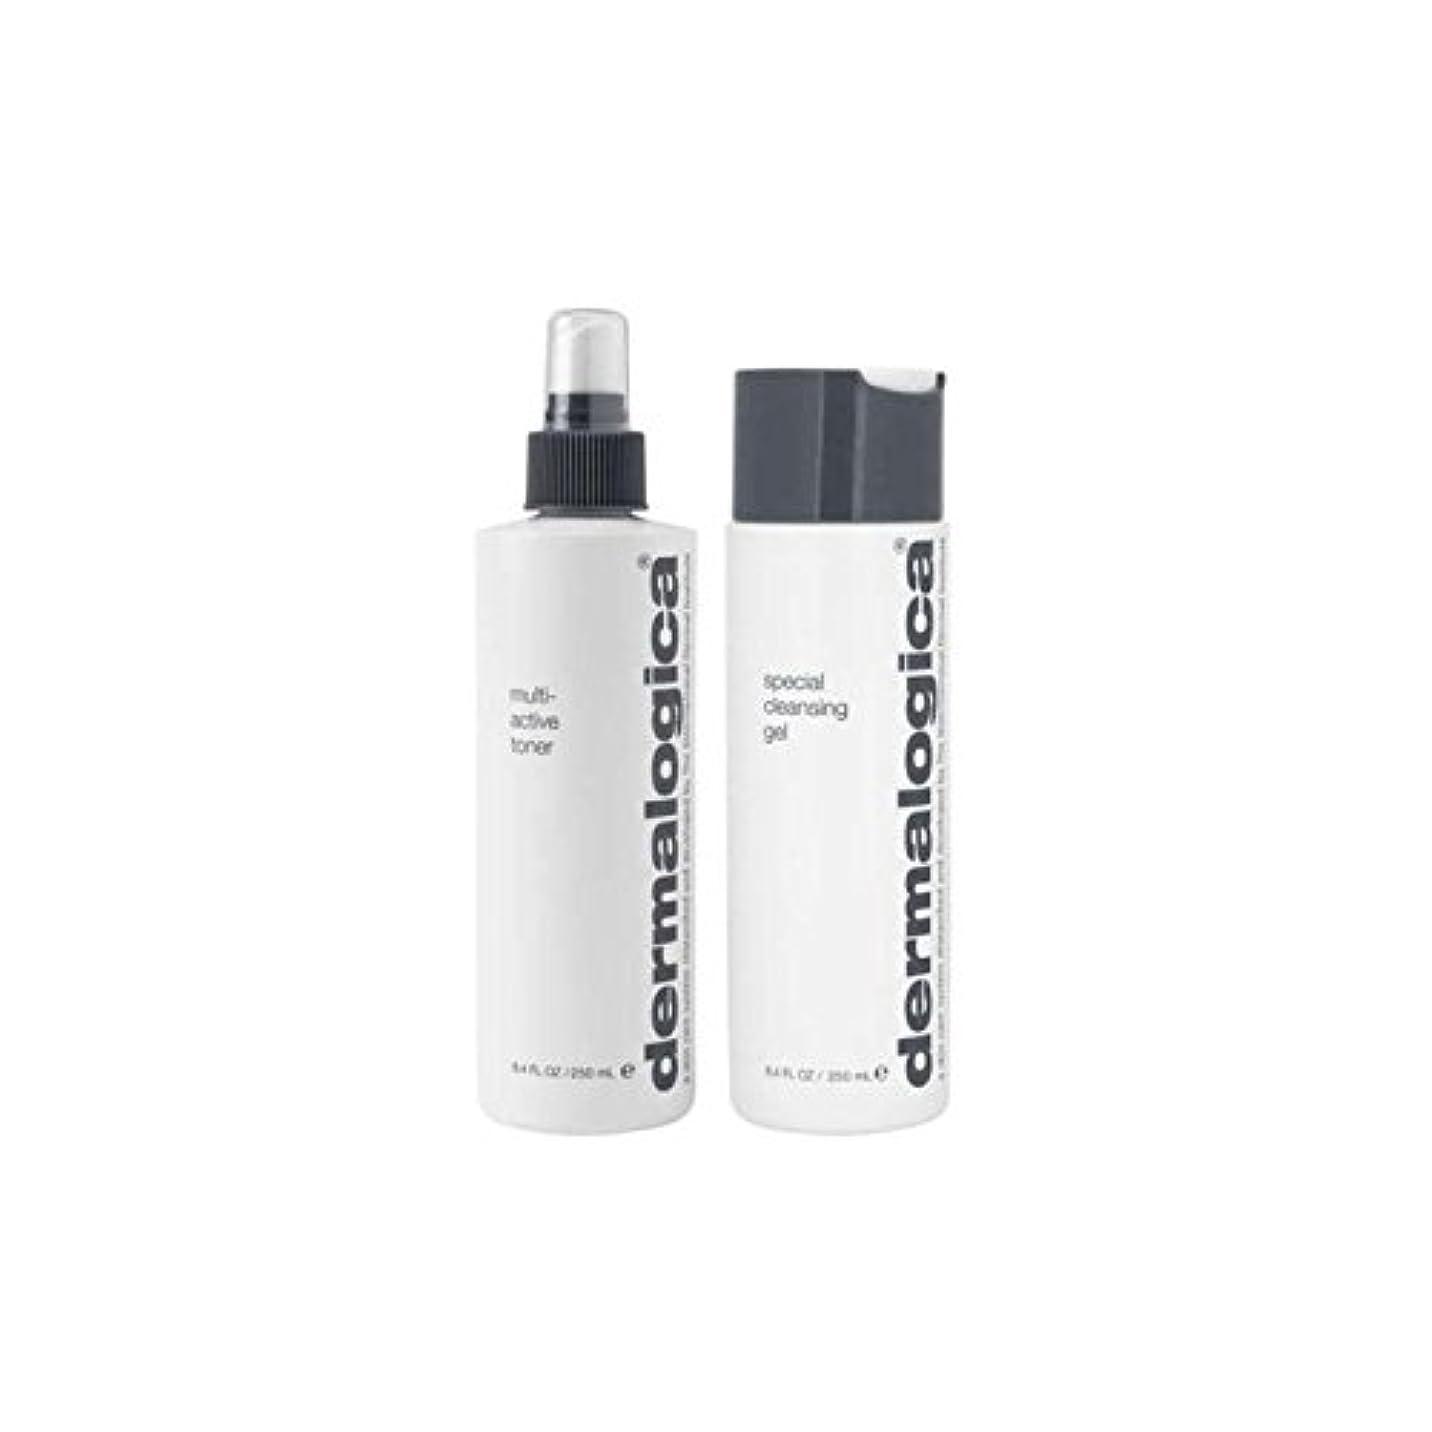 余韻ハンカチディレイダーマロジカクレンジング&トーンデュオ - ノーマル/ドライスキン(2製品) x2 - Dermalogica Cleanse & Tone Duo - Normal/Dry Skin (2 Products) (Pack...